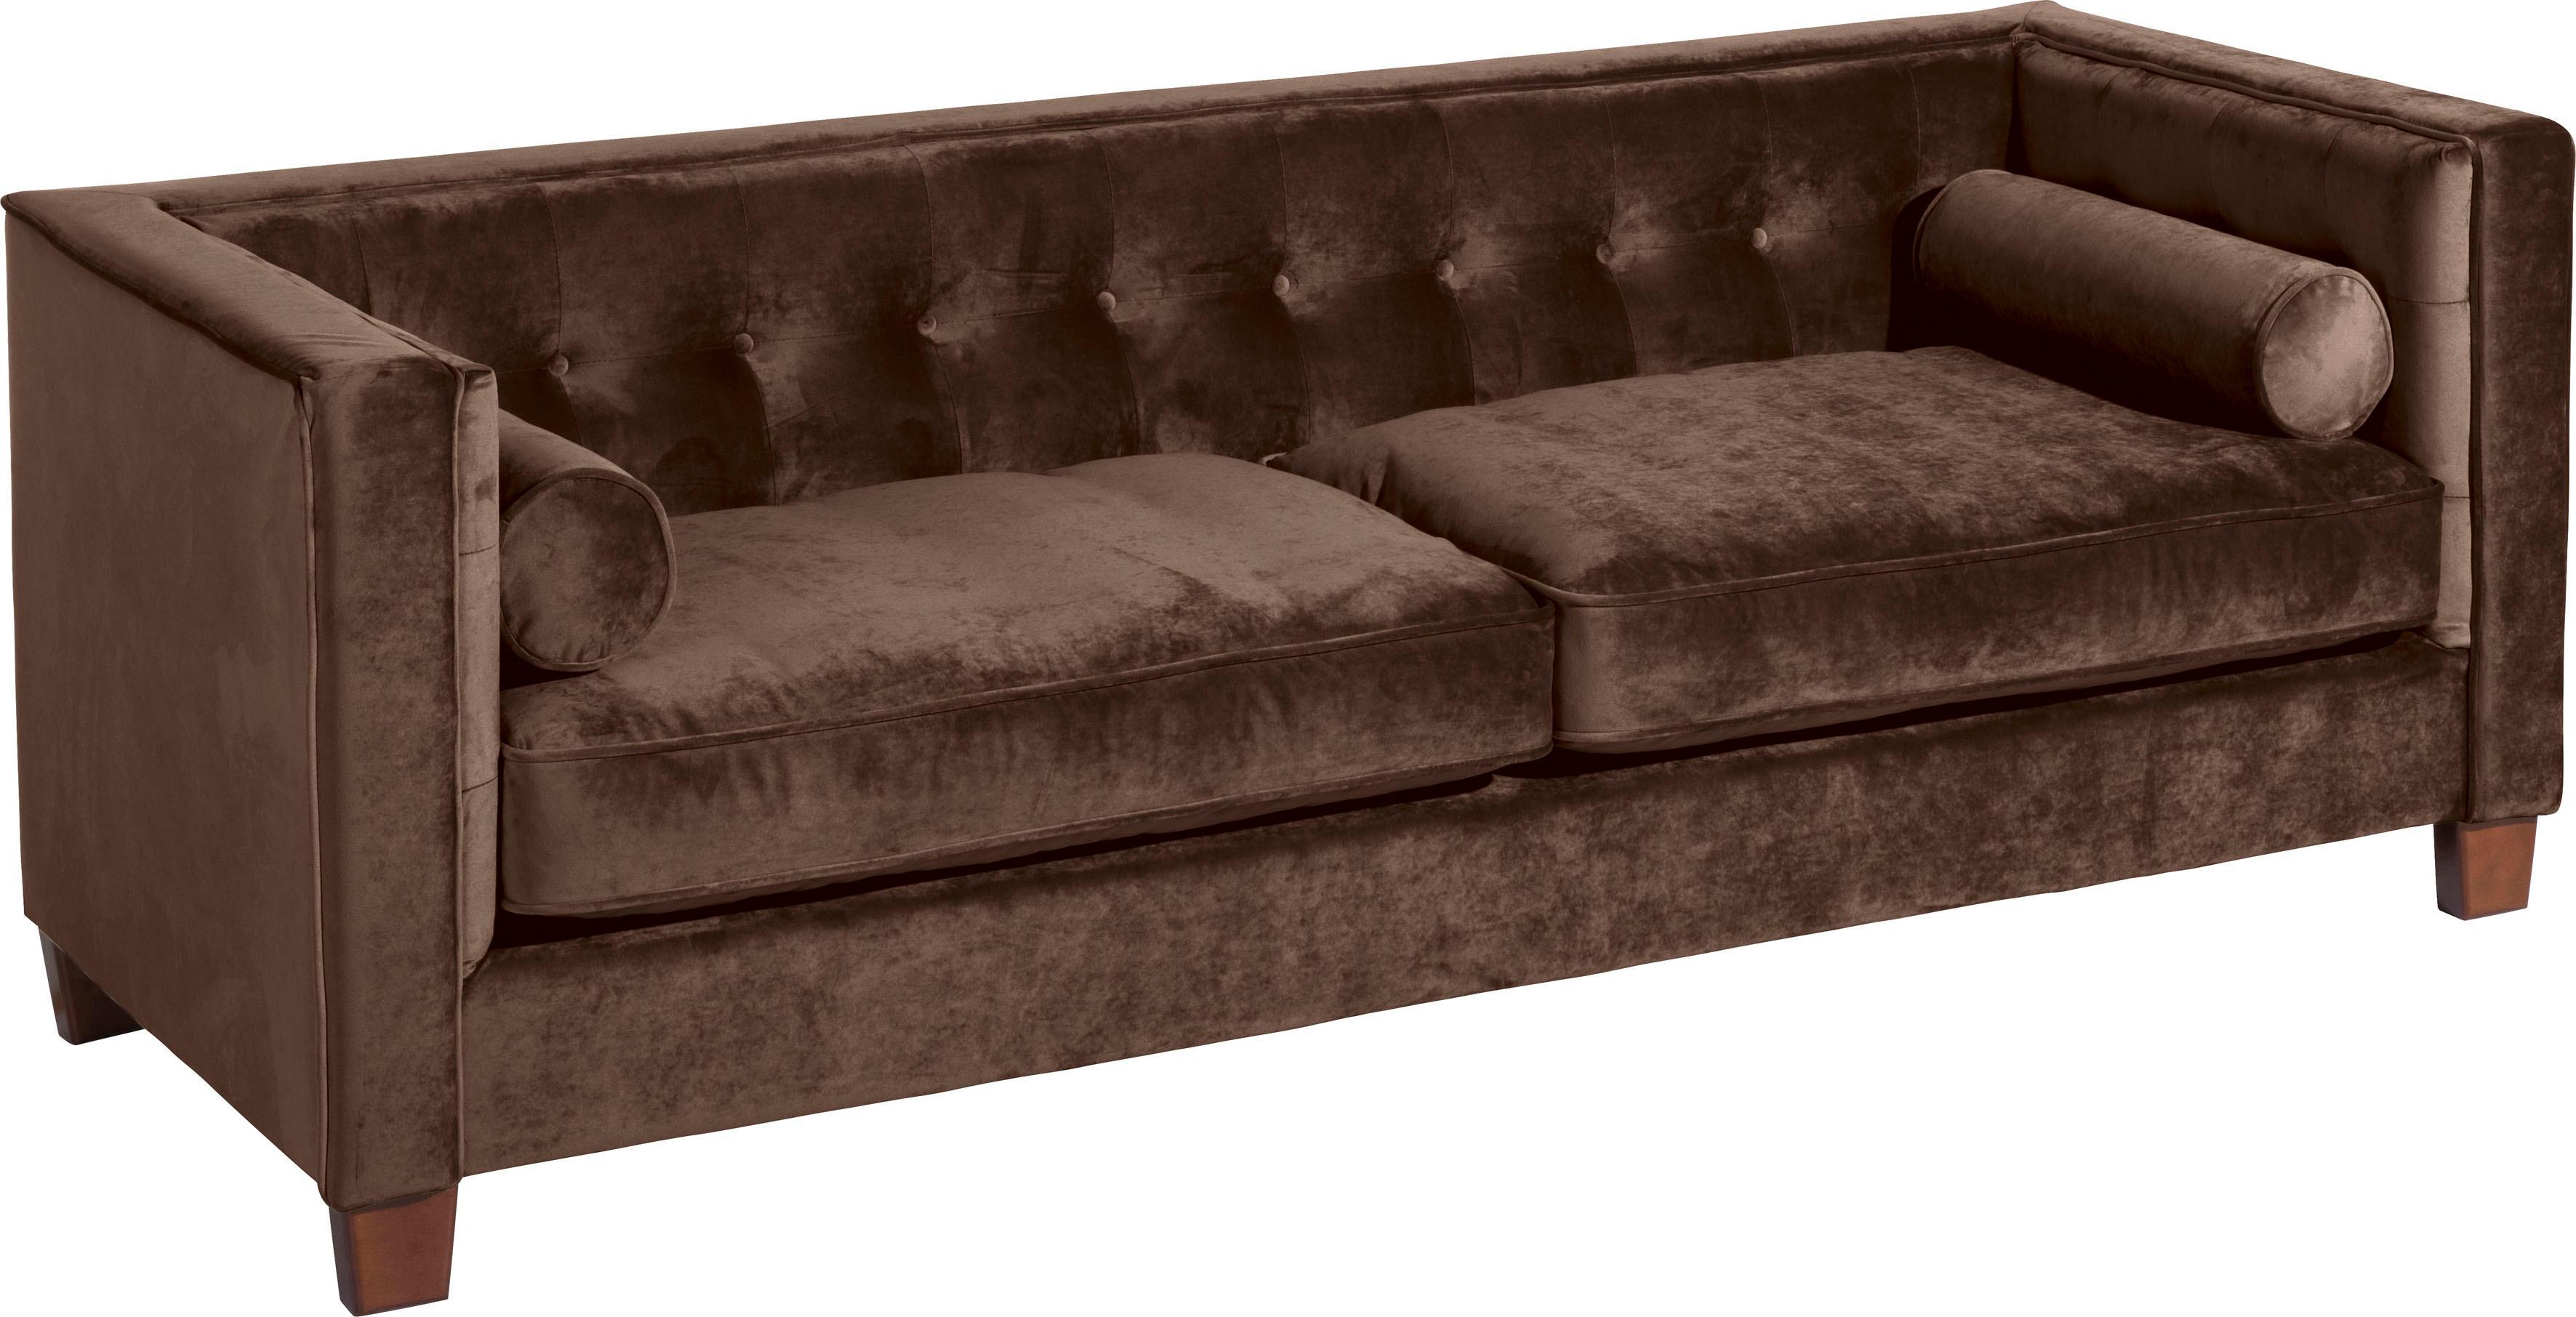 Max Winzer 3-Sitzer Sofa Jobbi mit Steppung im Rücken inklusive 2 Kissenrollen Breite 215 cm